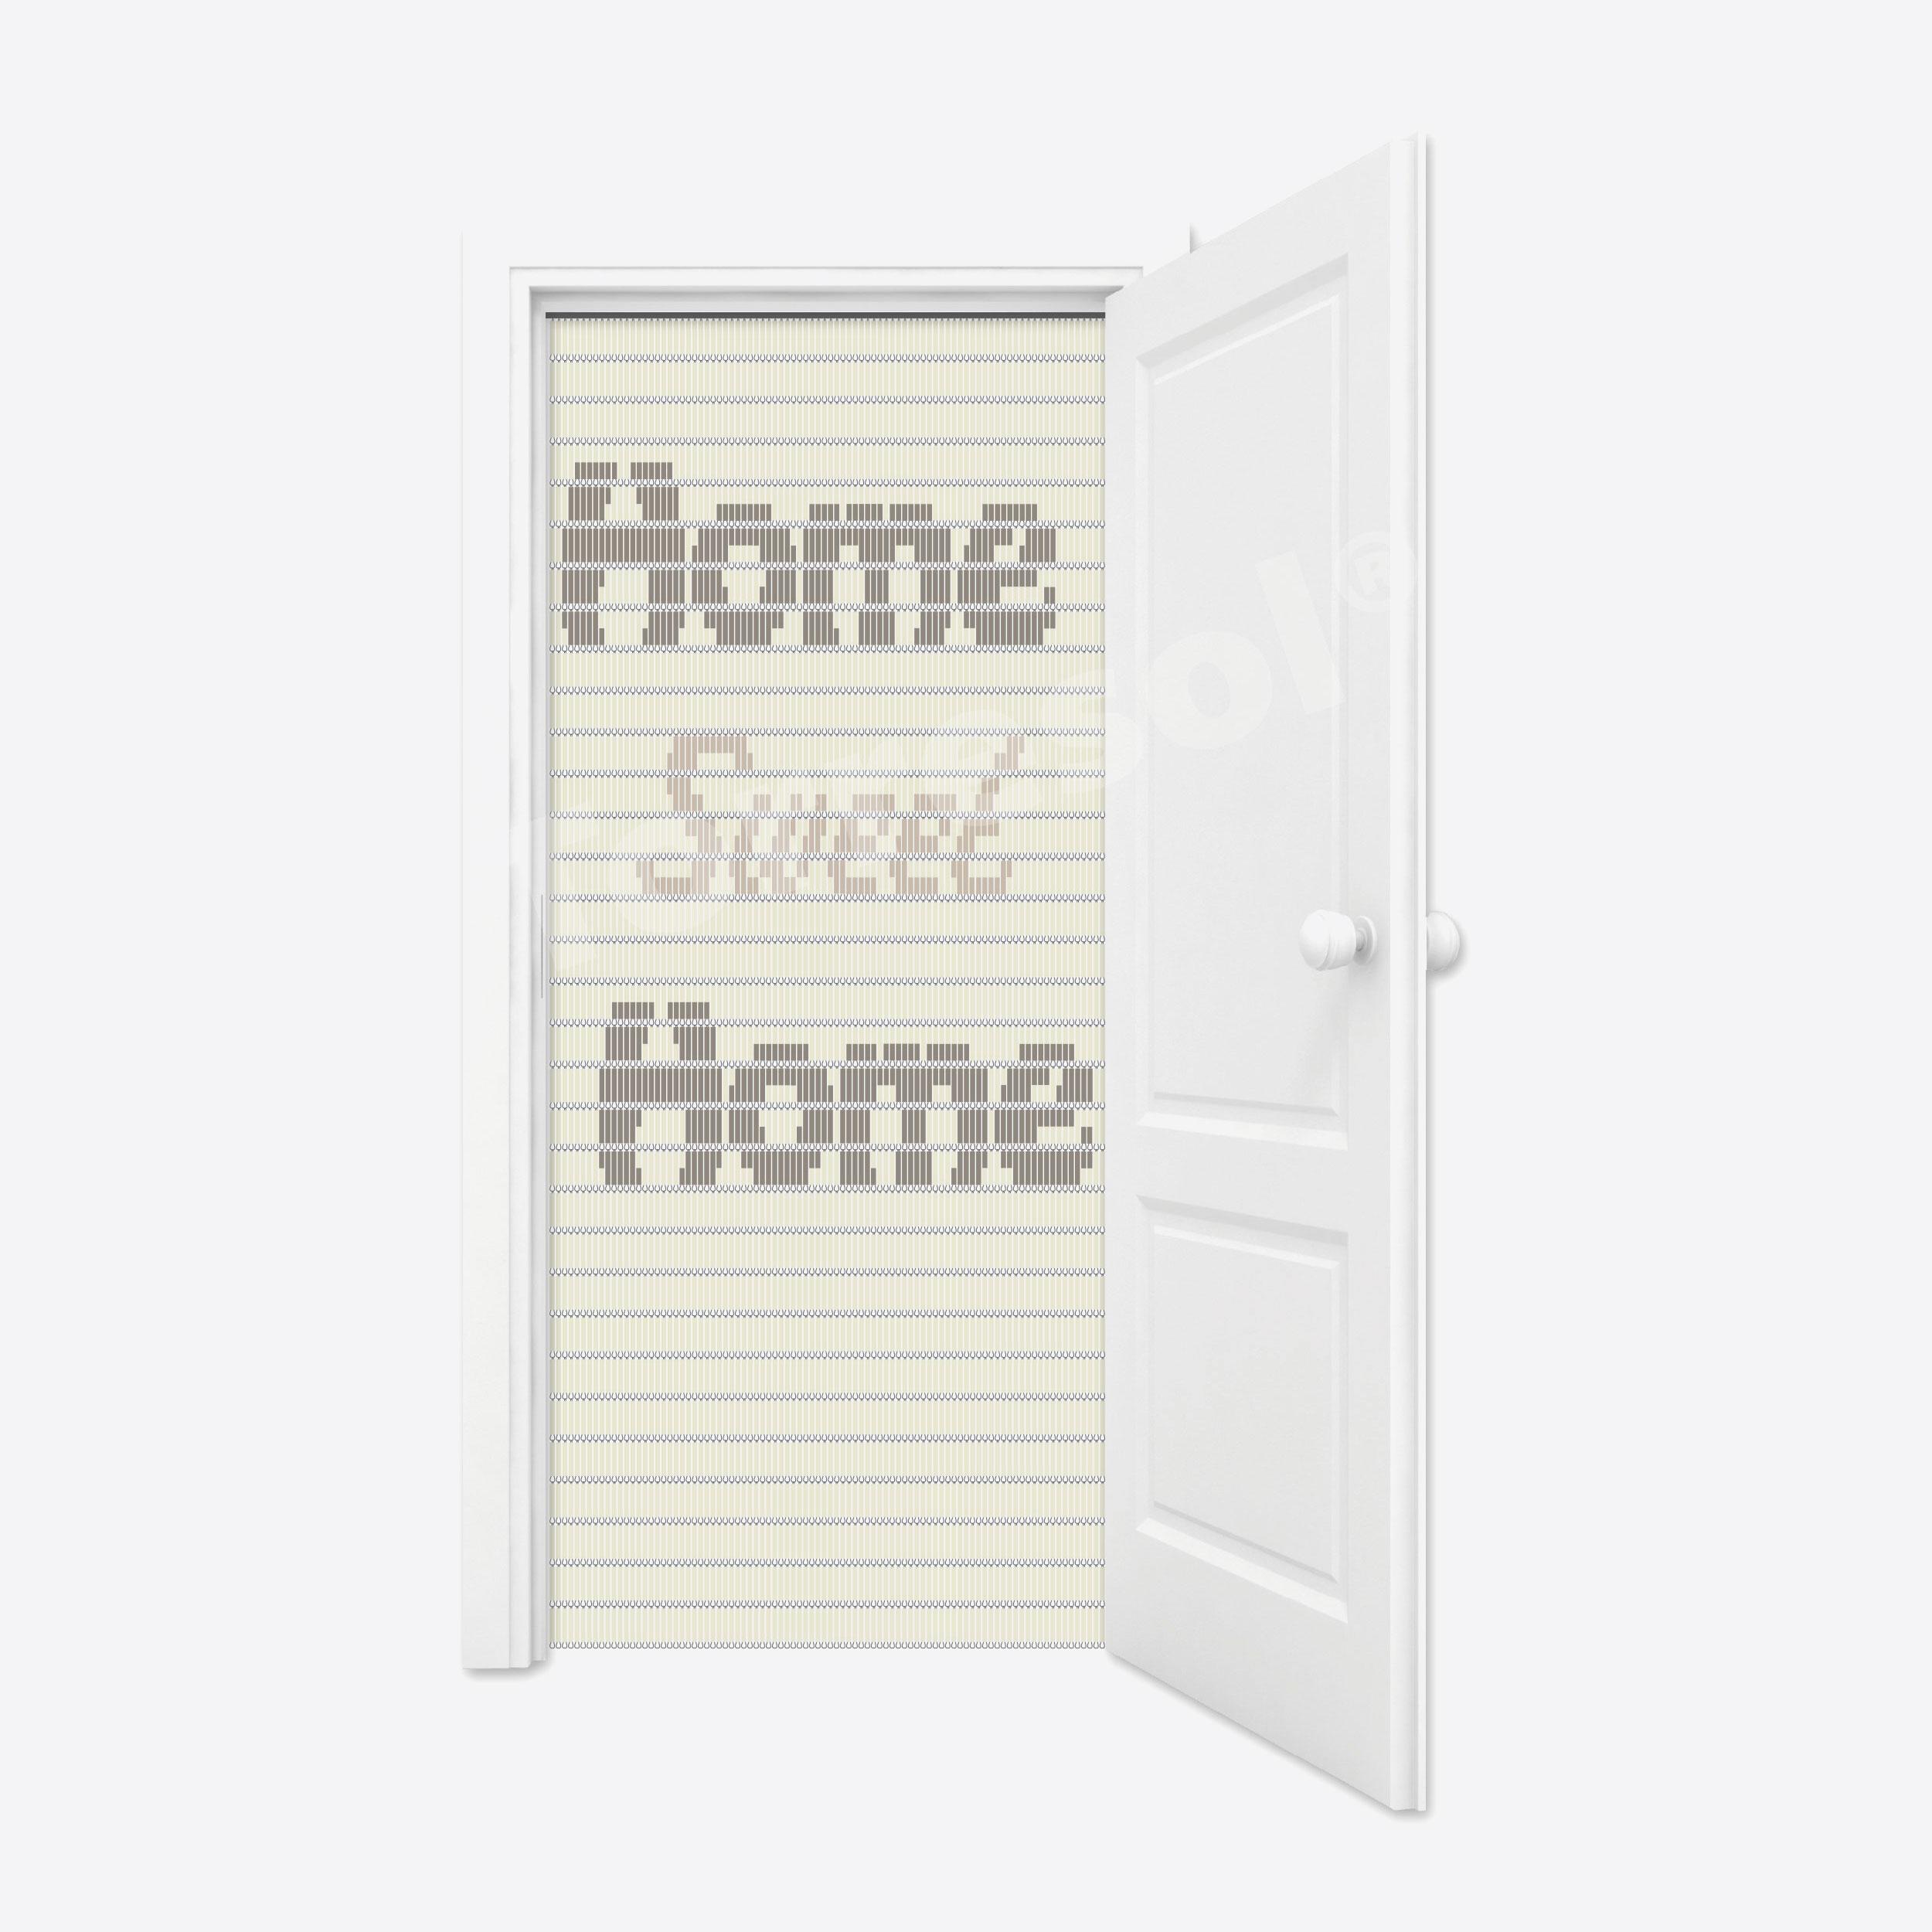 91. Vliegengordijn Home Sweet Home